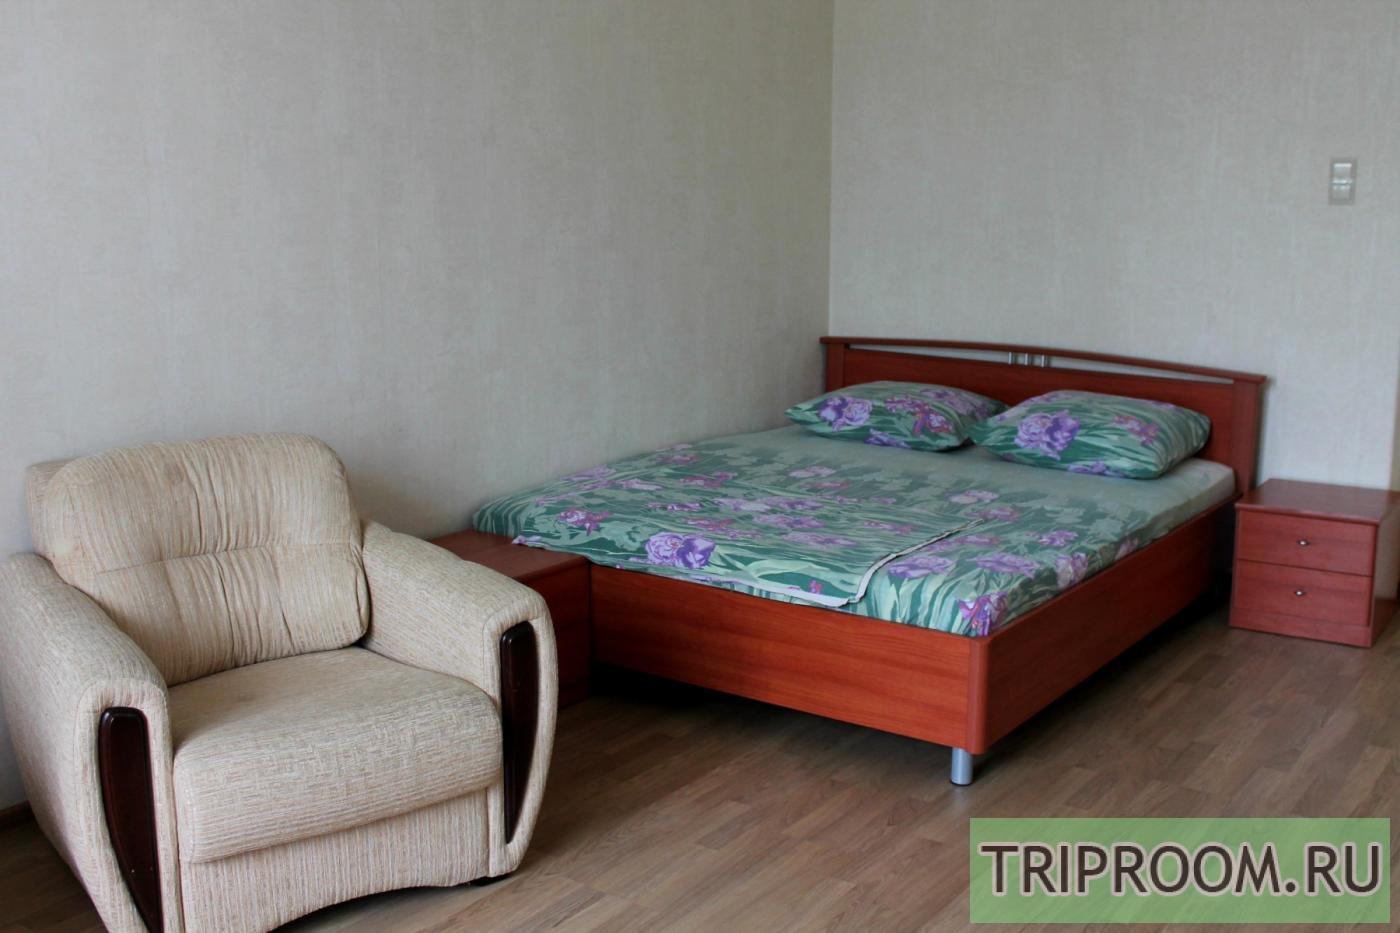 3-комнатная квартира посуточно (вариант № 20393), ул. Ленина проспект, фото № 3